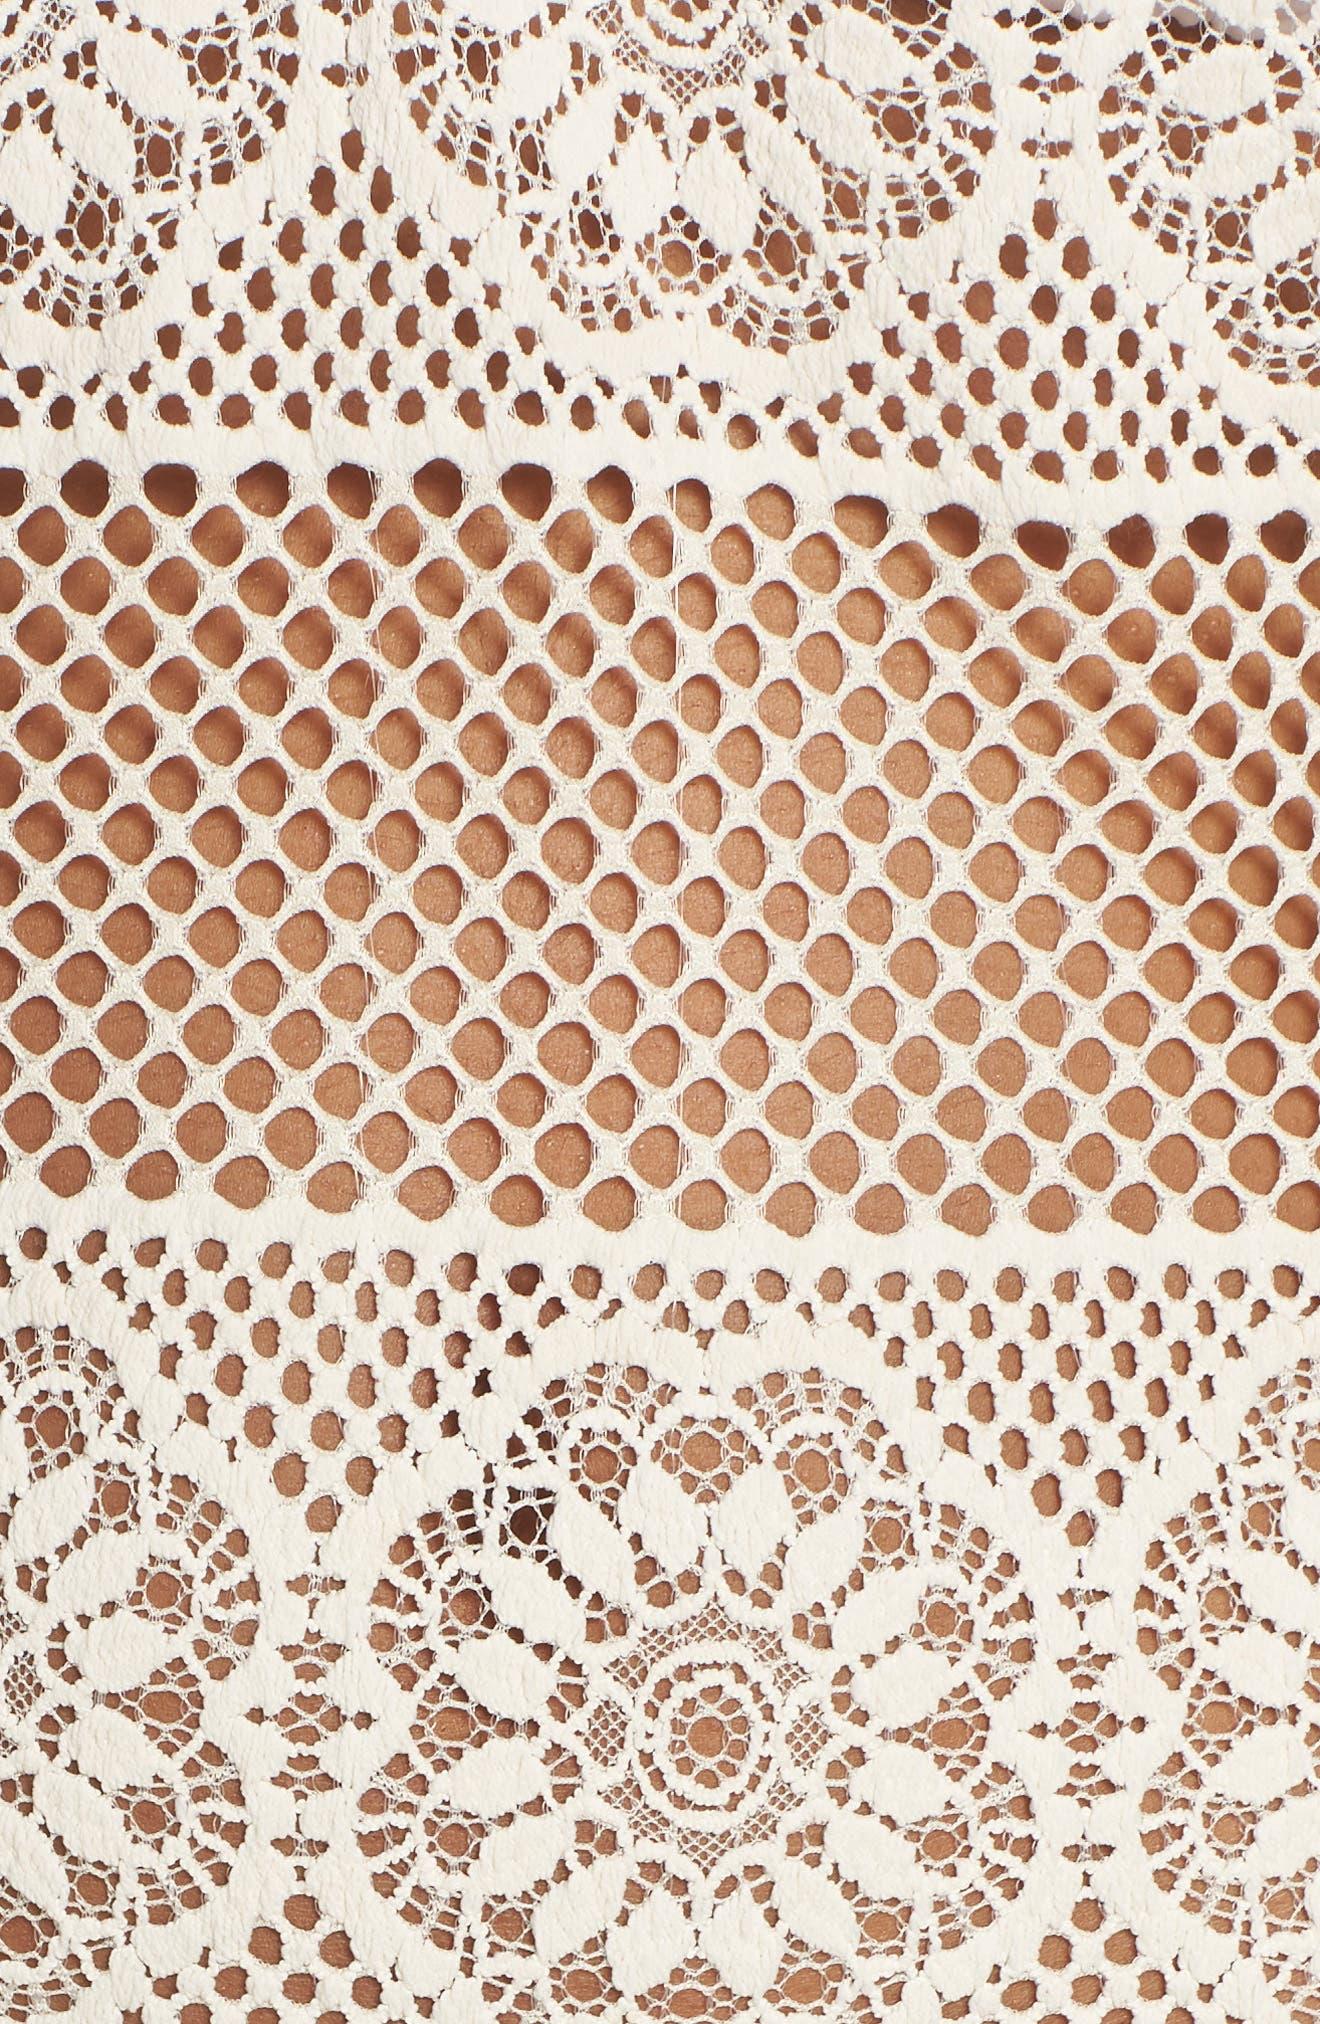 Joy Lace Cover-Up Dress,                             Alternate thumbnail 5, color,                             100